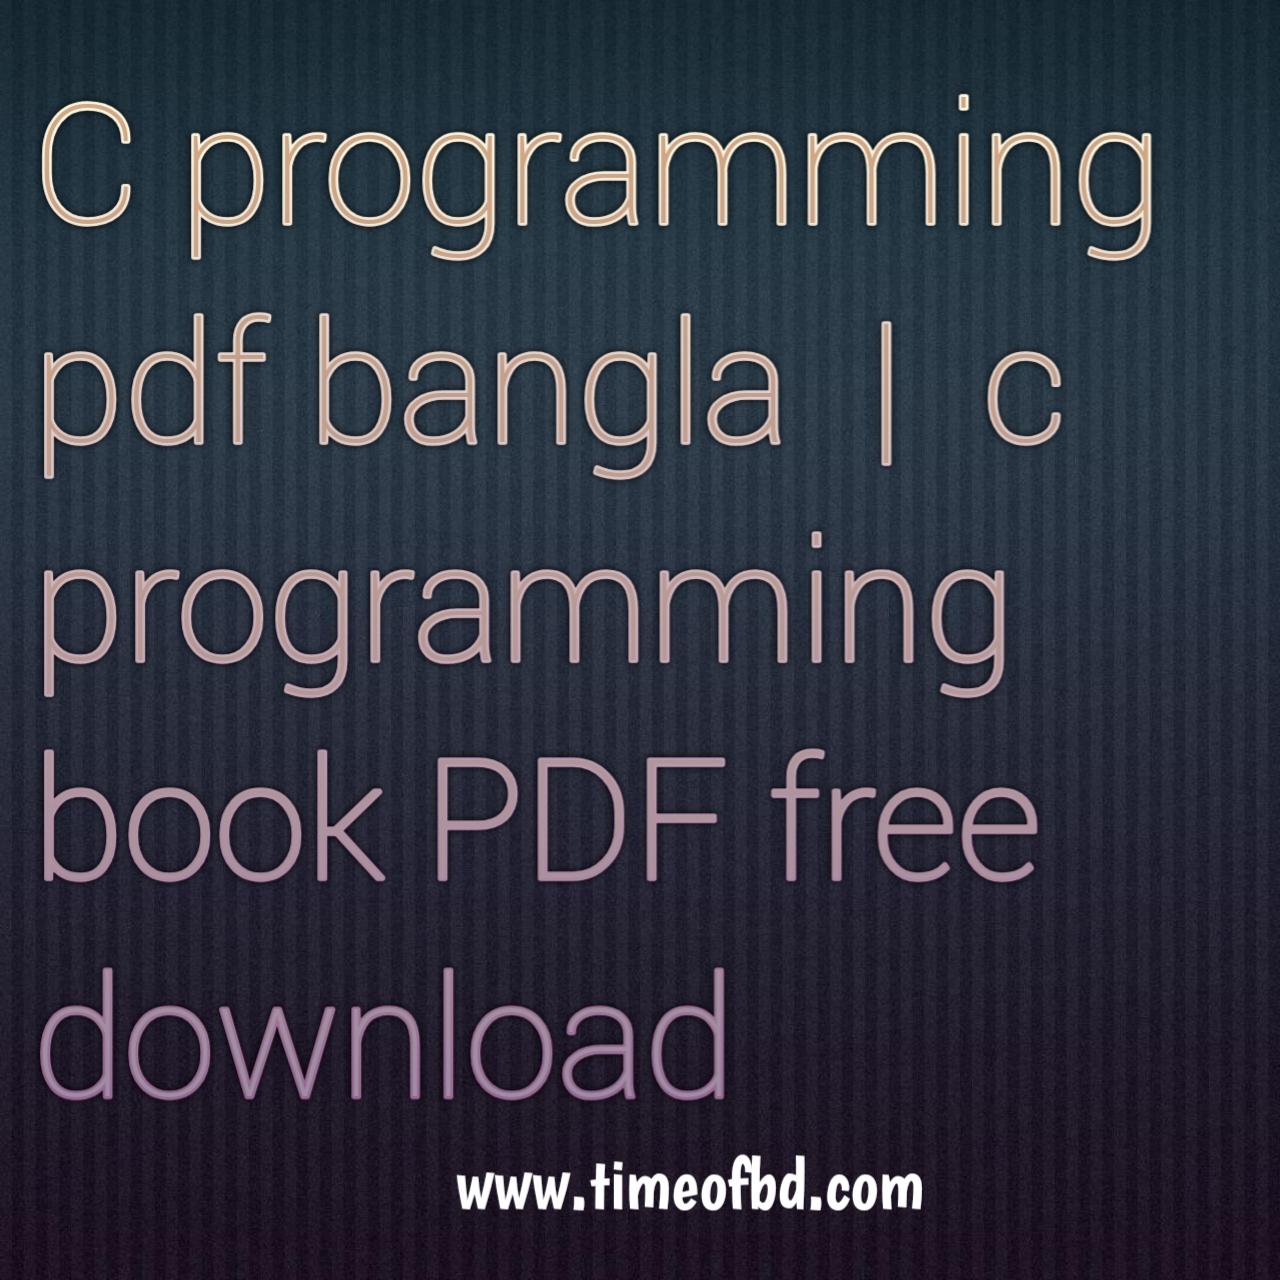 C programming pdf bangla, c programming book PDF free download, c programming PDF notes download, c programming book PDF 2021